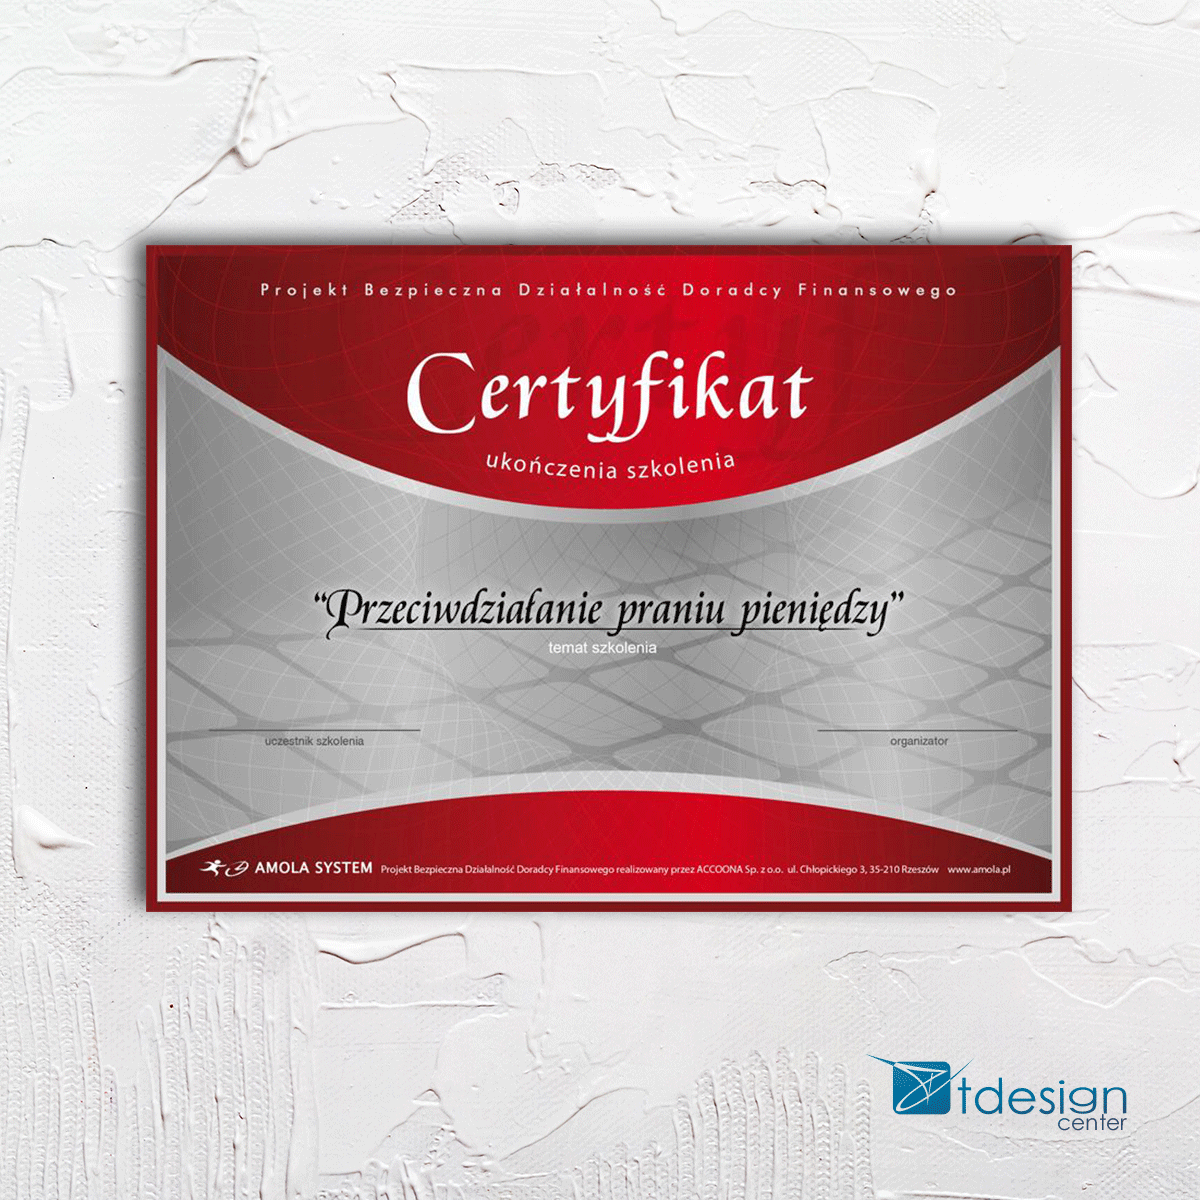 Certyfikat 189x250mm, projekt